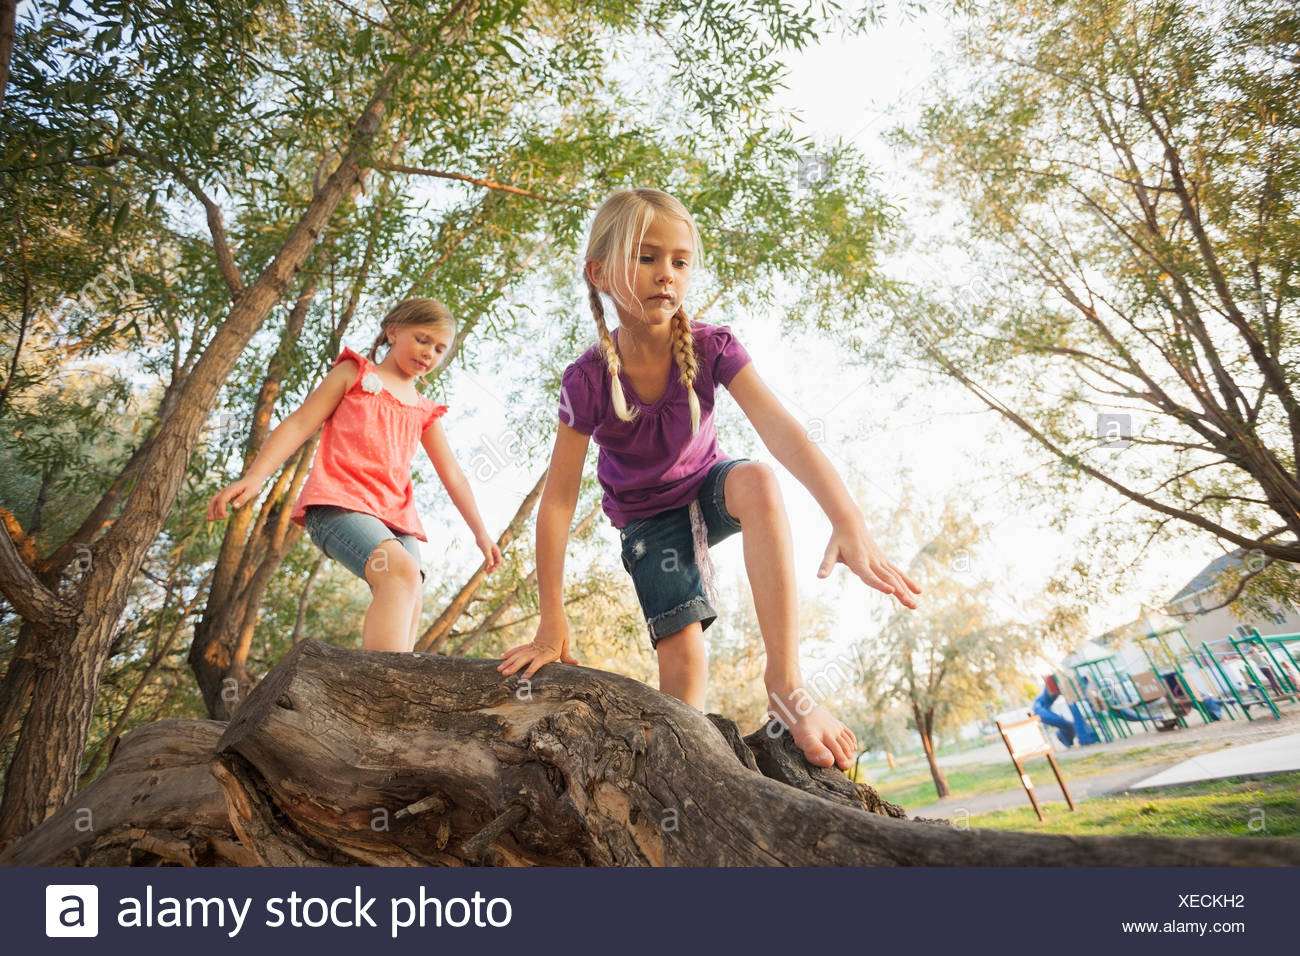 Estados Unidos, Utah, Lehi, dos niñas (4-5, 6-7) Escalada en gran rama de árbol Imagen De Stock